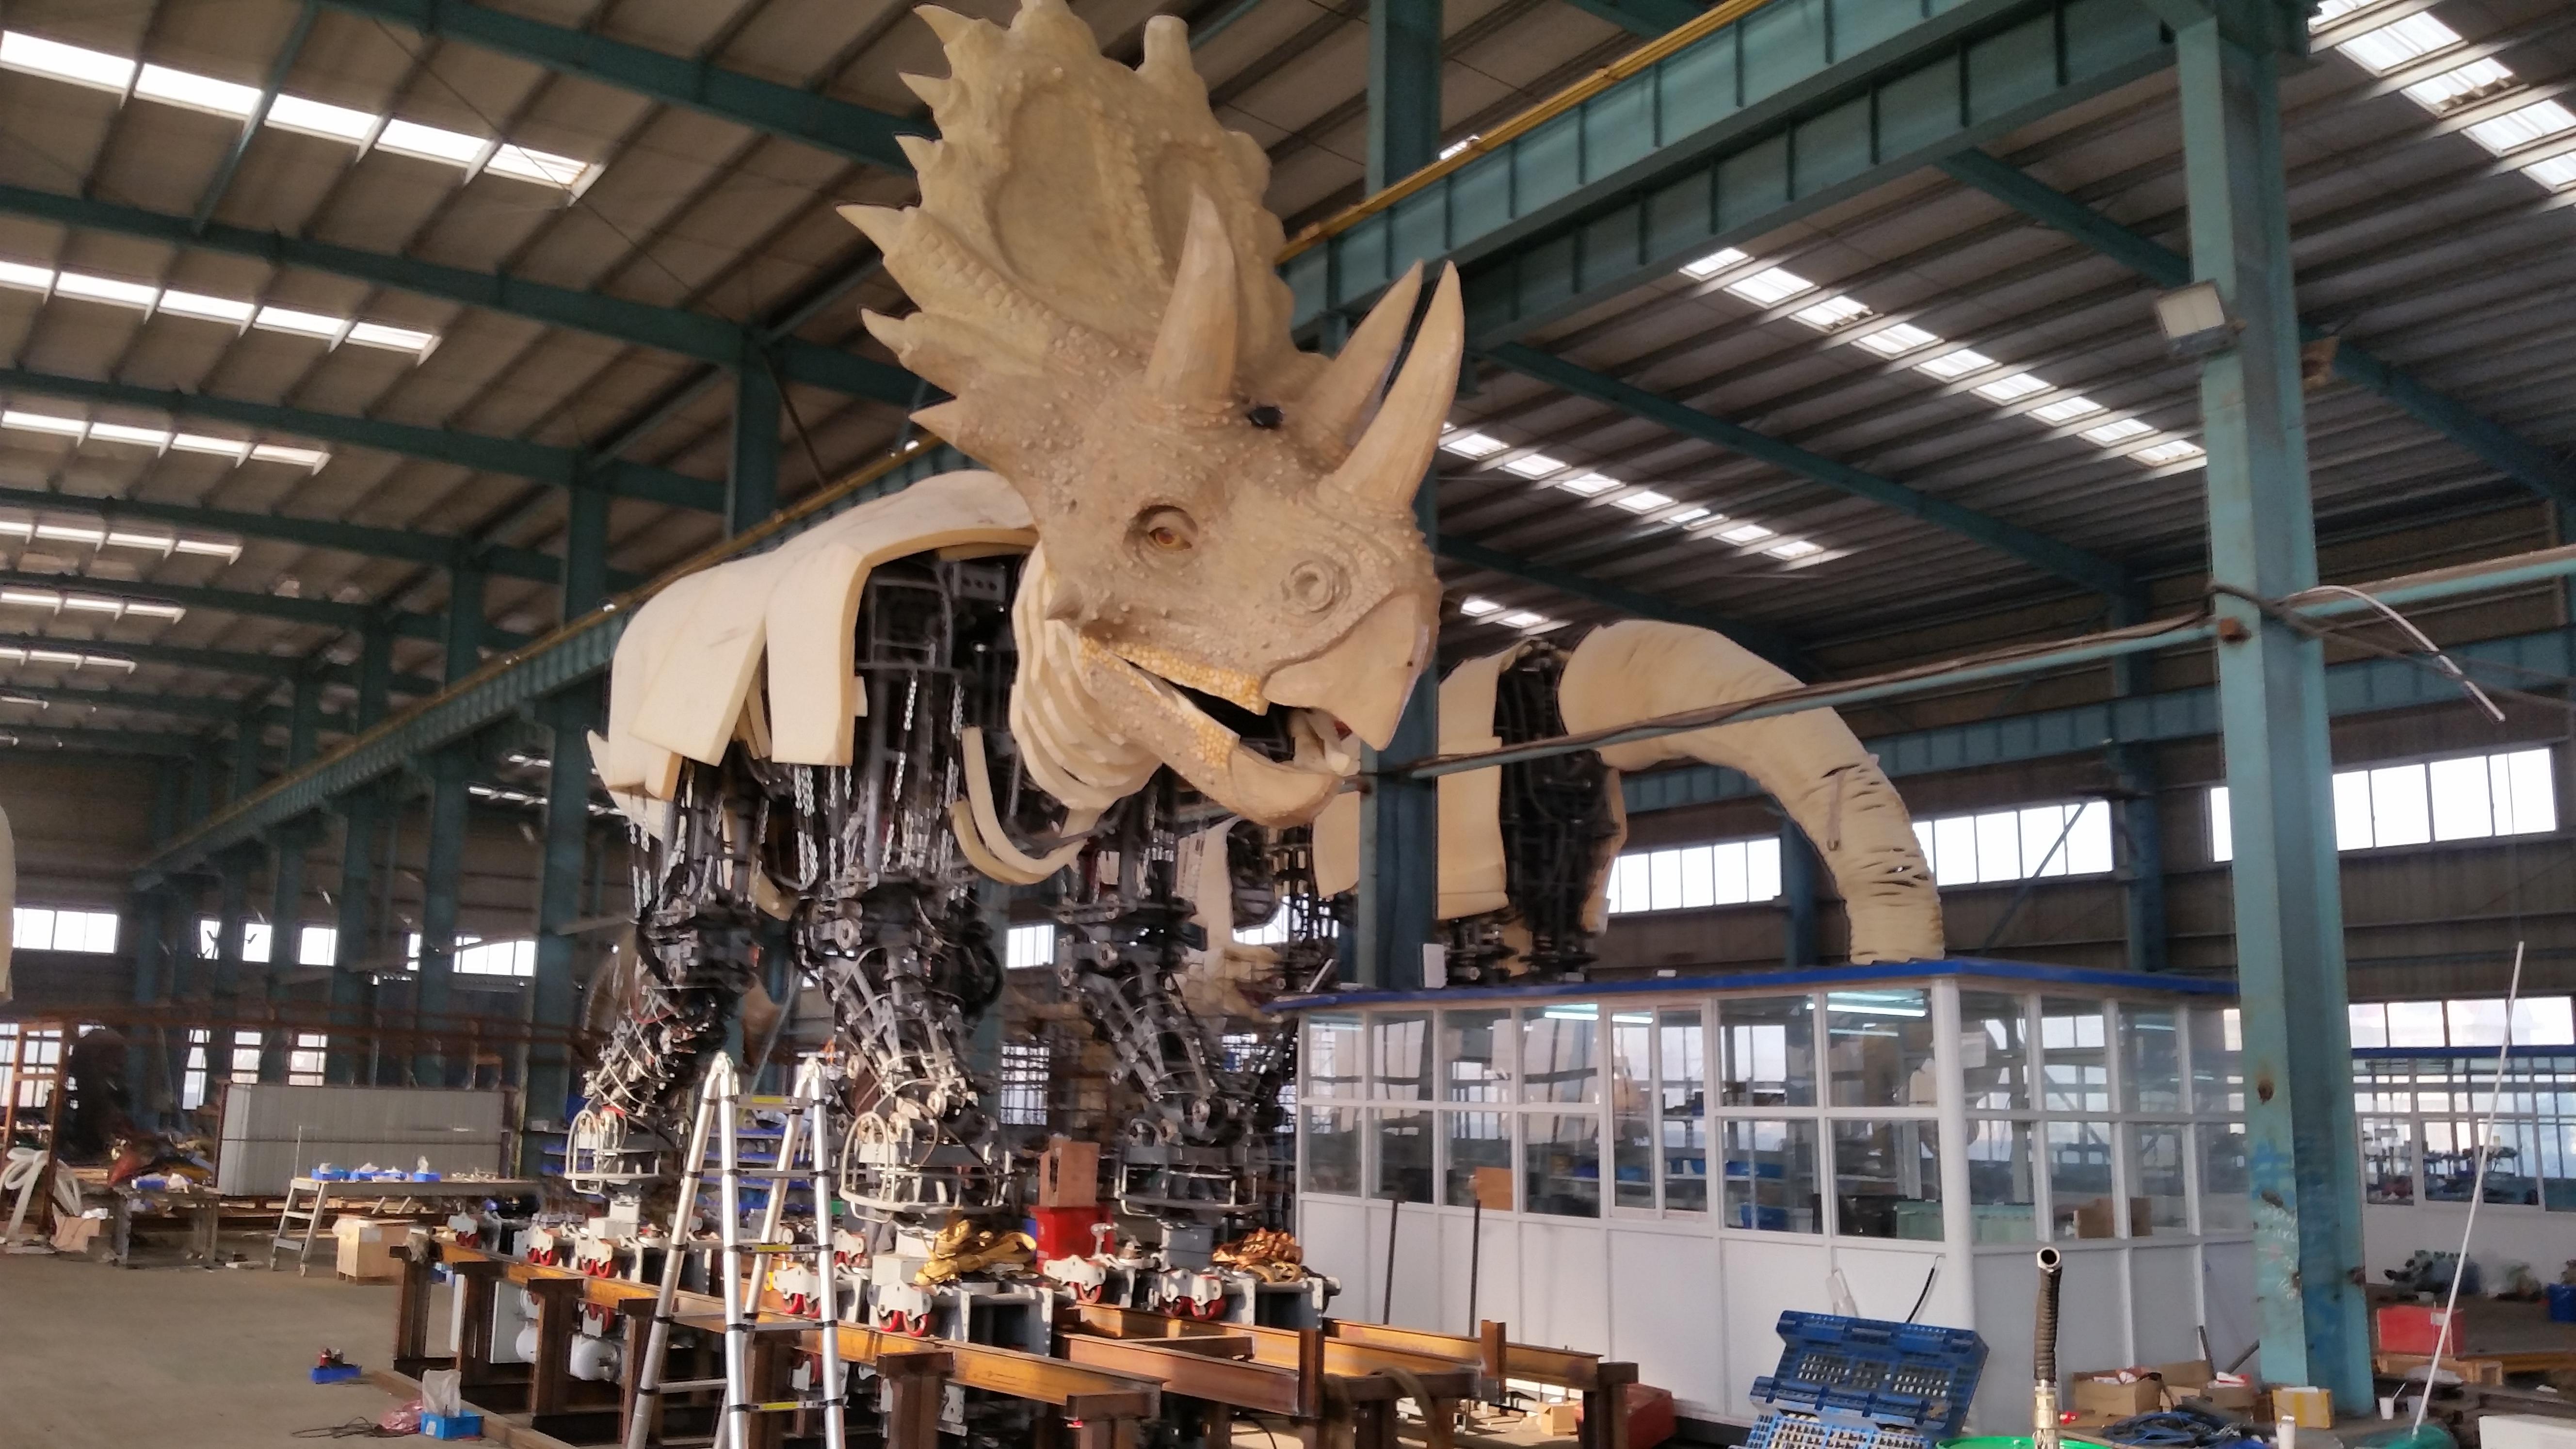 Ρομπότ δεινόσαυρος την ώρα που κατασκευάζεται